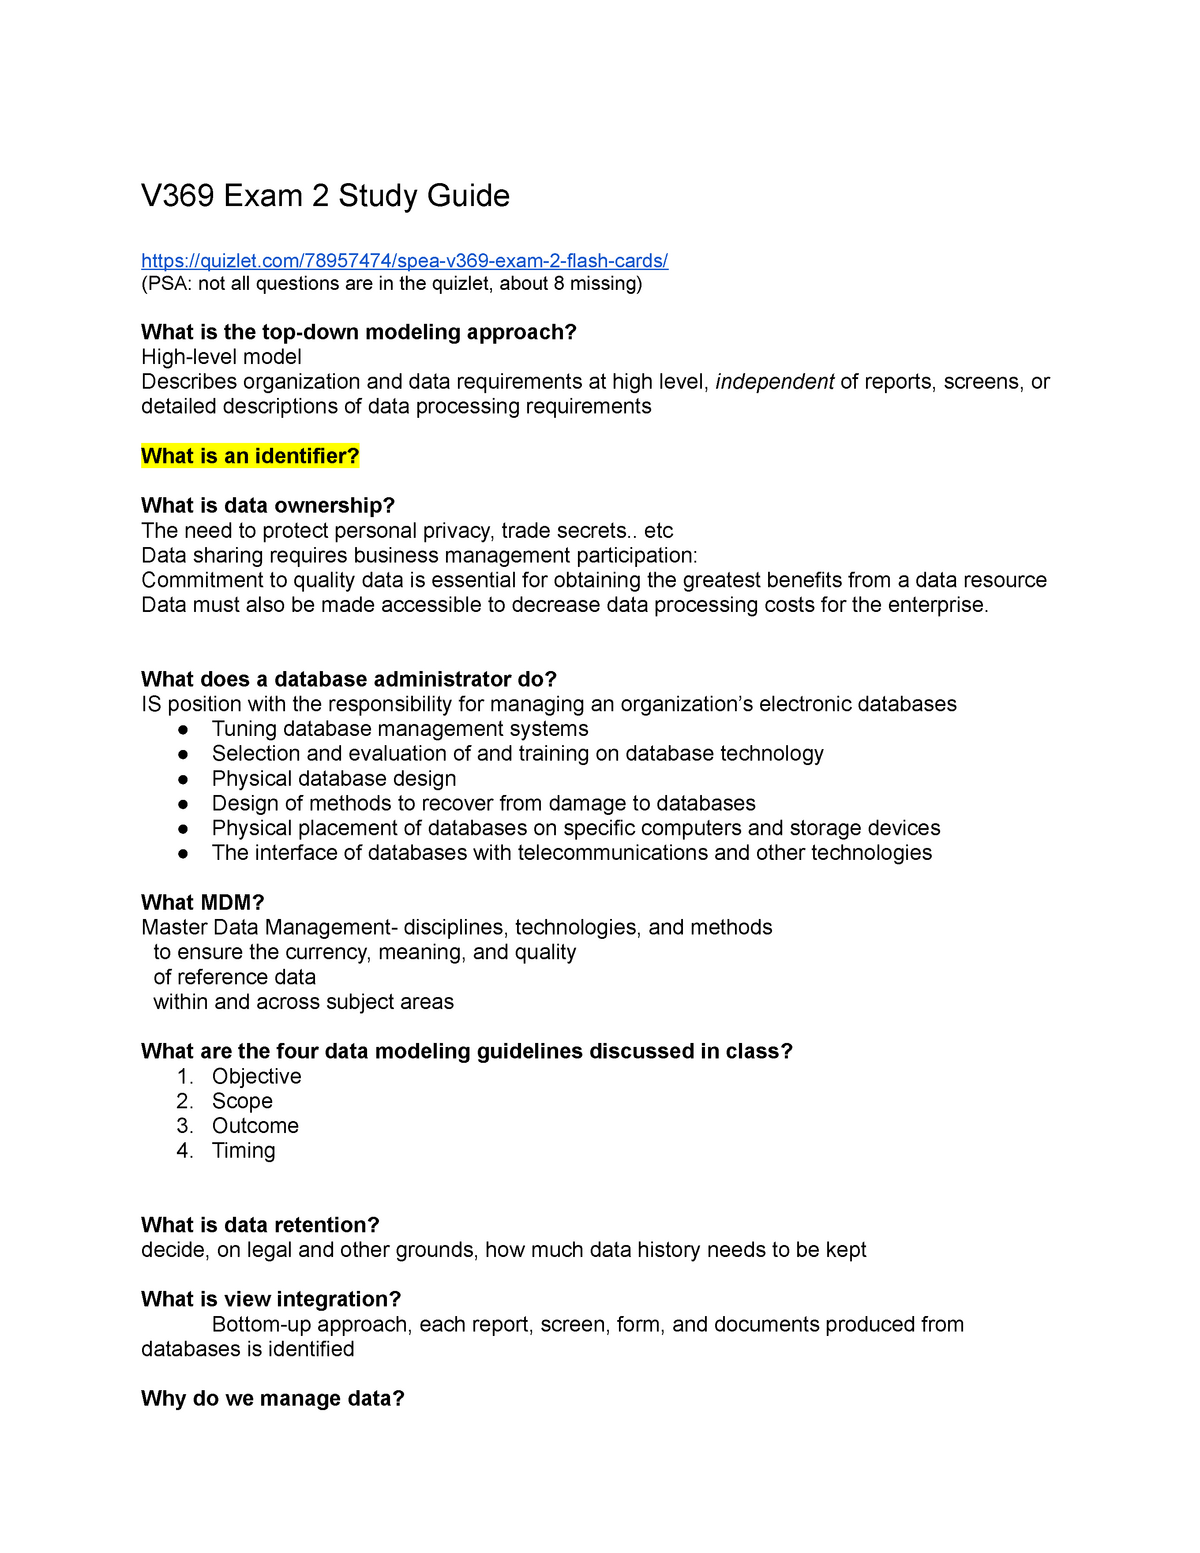 V369exam2study Guide Spea V369 Managing Information Tech Studocu